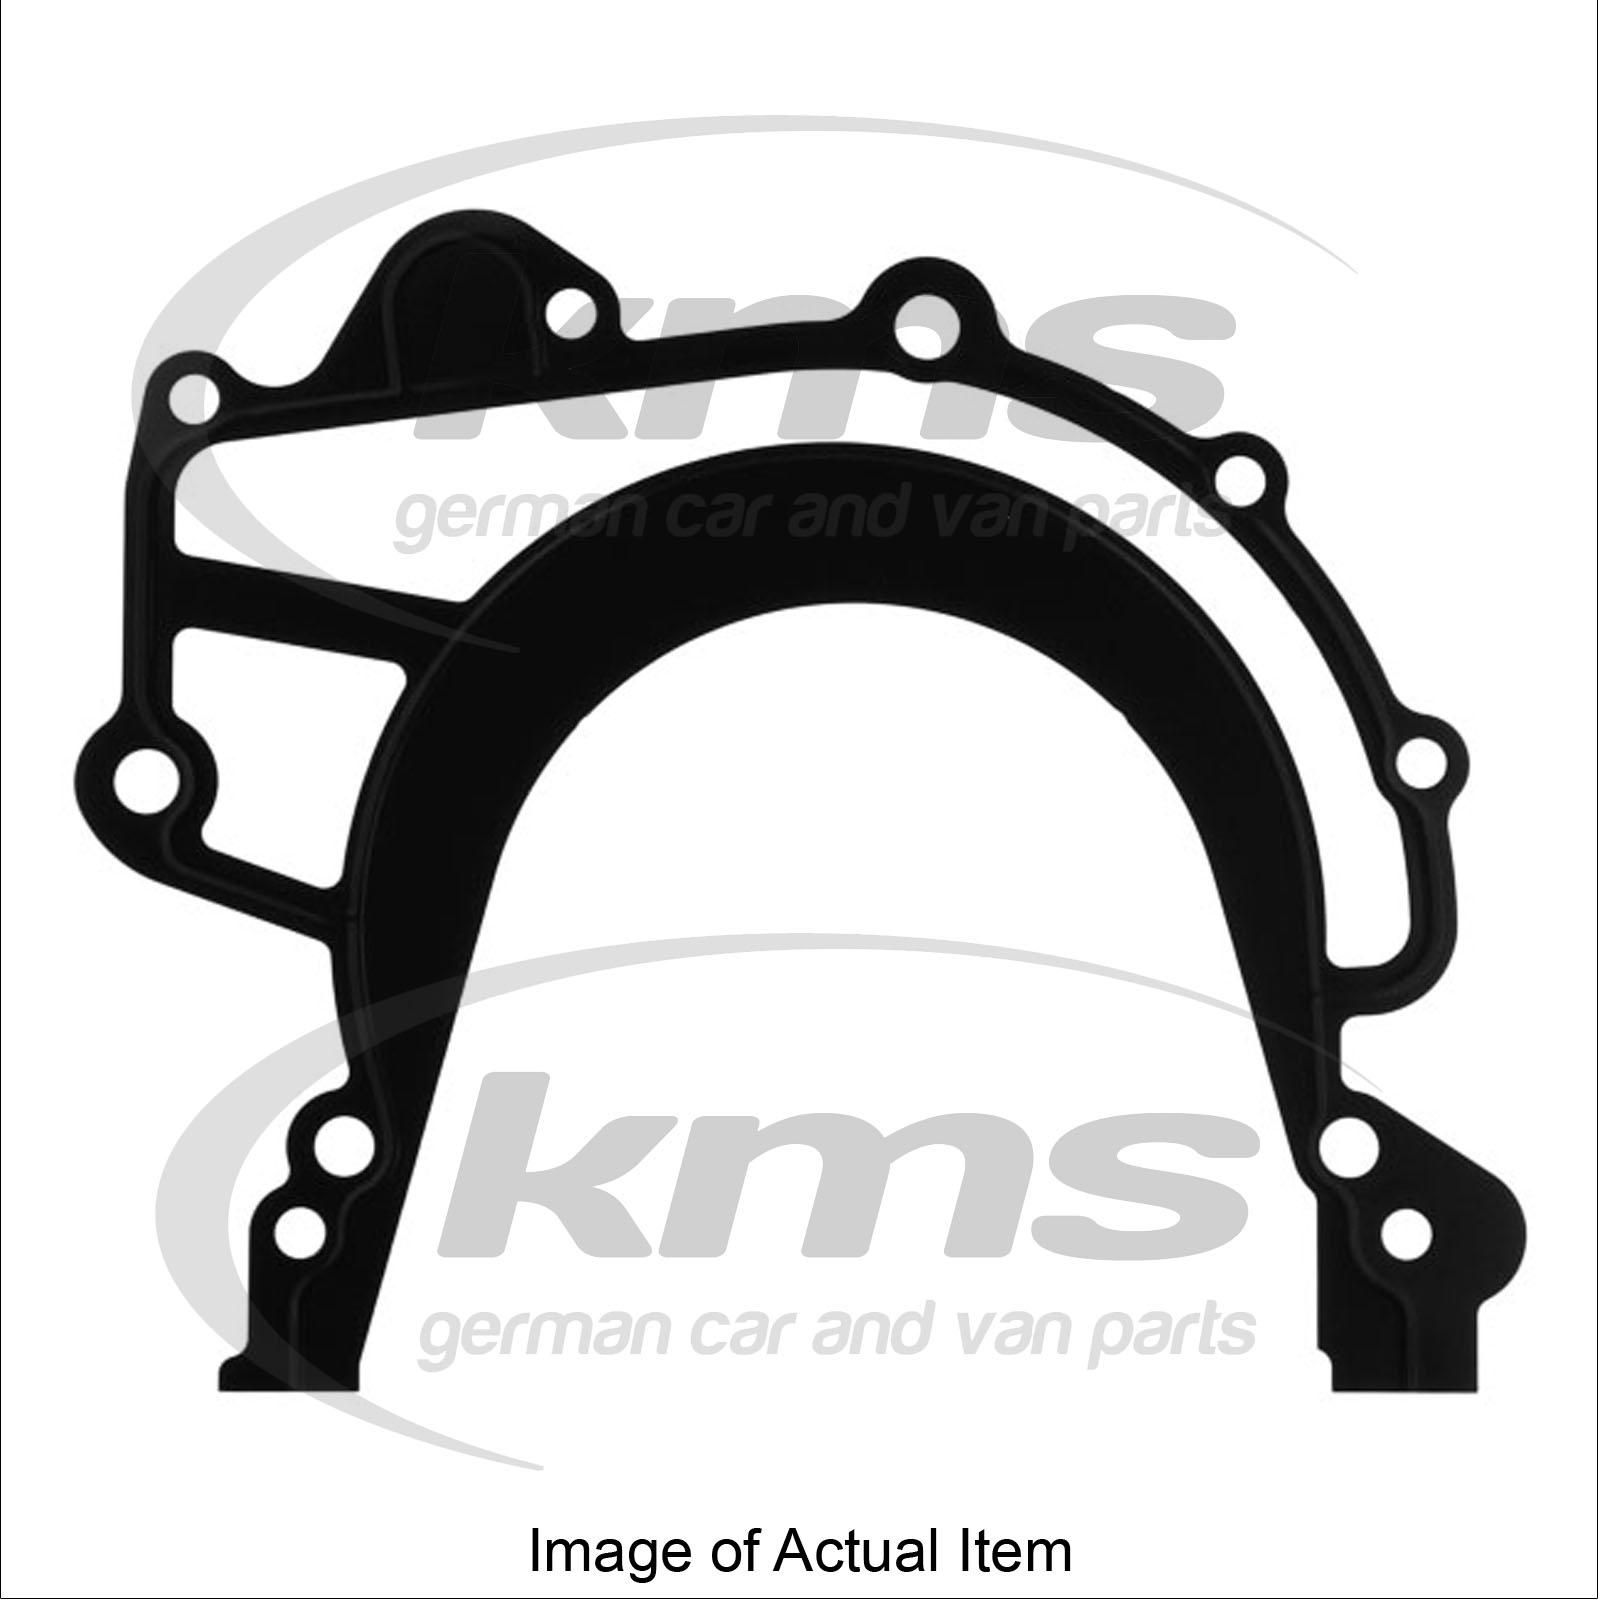 Vw Bug Engine Case Sealant: OIL PUMP SEAL VW Beetle Hatchback TDi PD (1999-2011) 1.9L